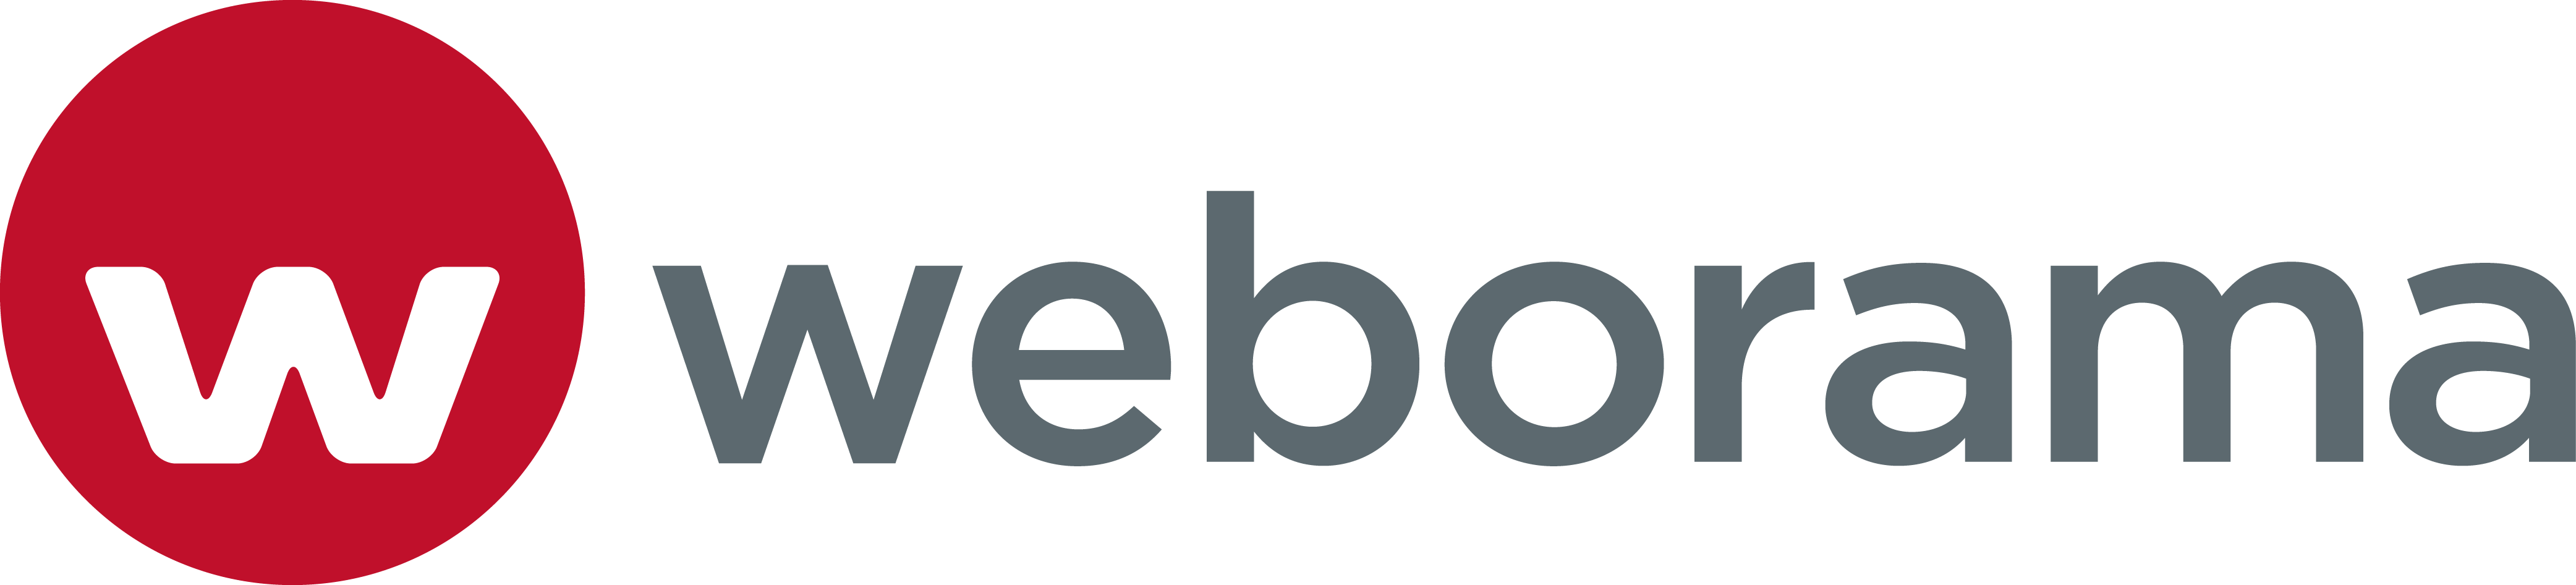 Weborama